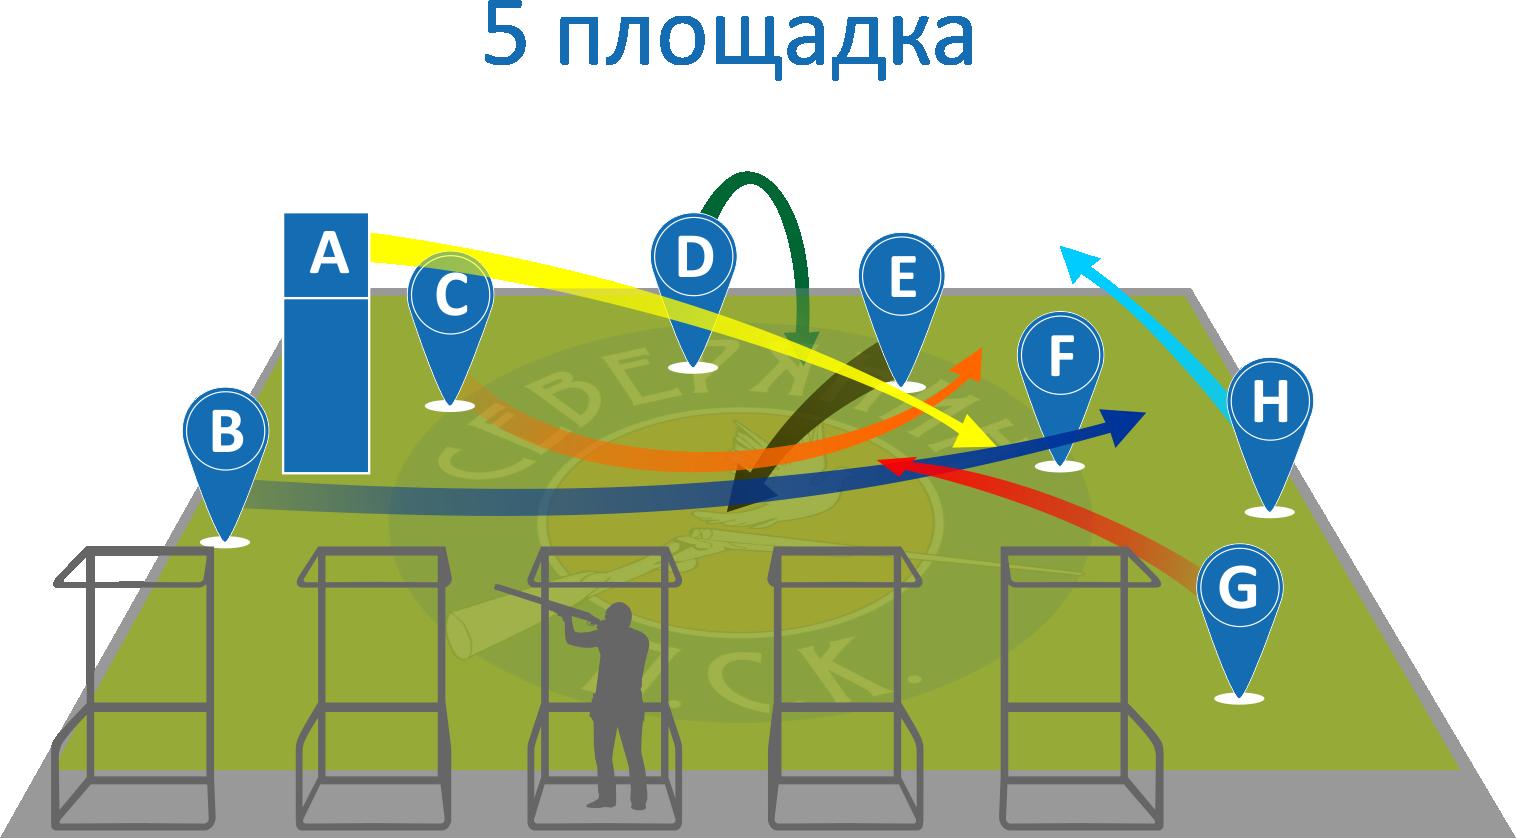 Площадка 5